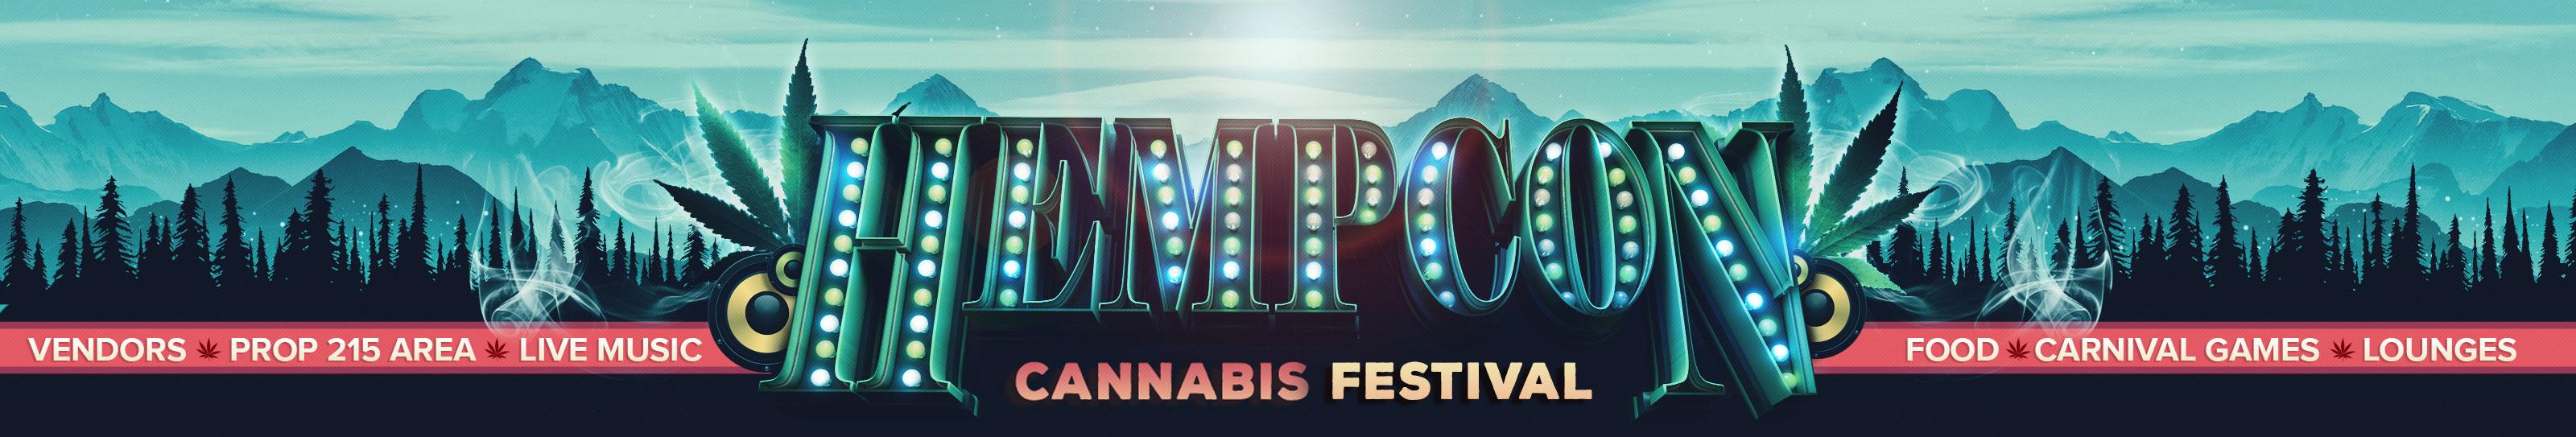 HempCon Cannabis Festival 2016